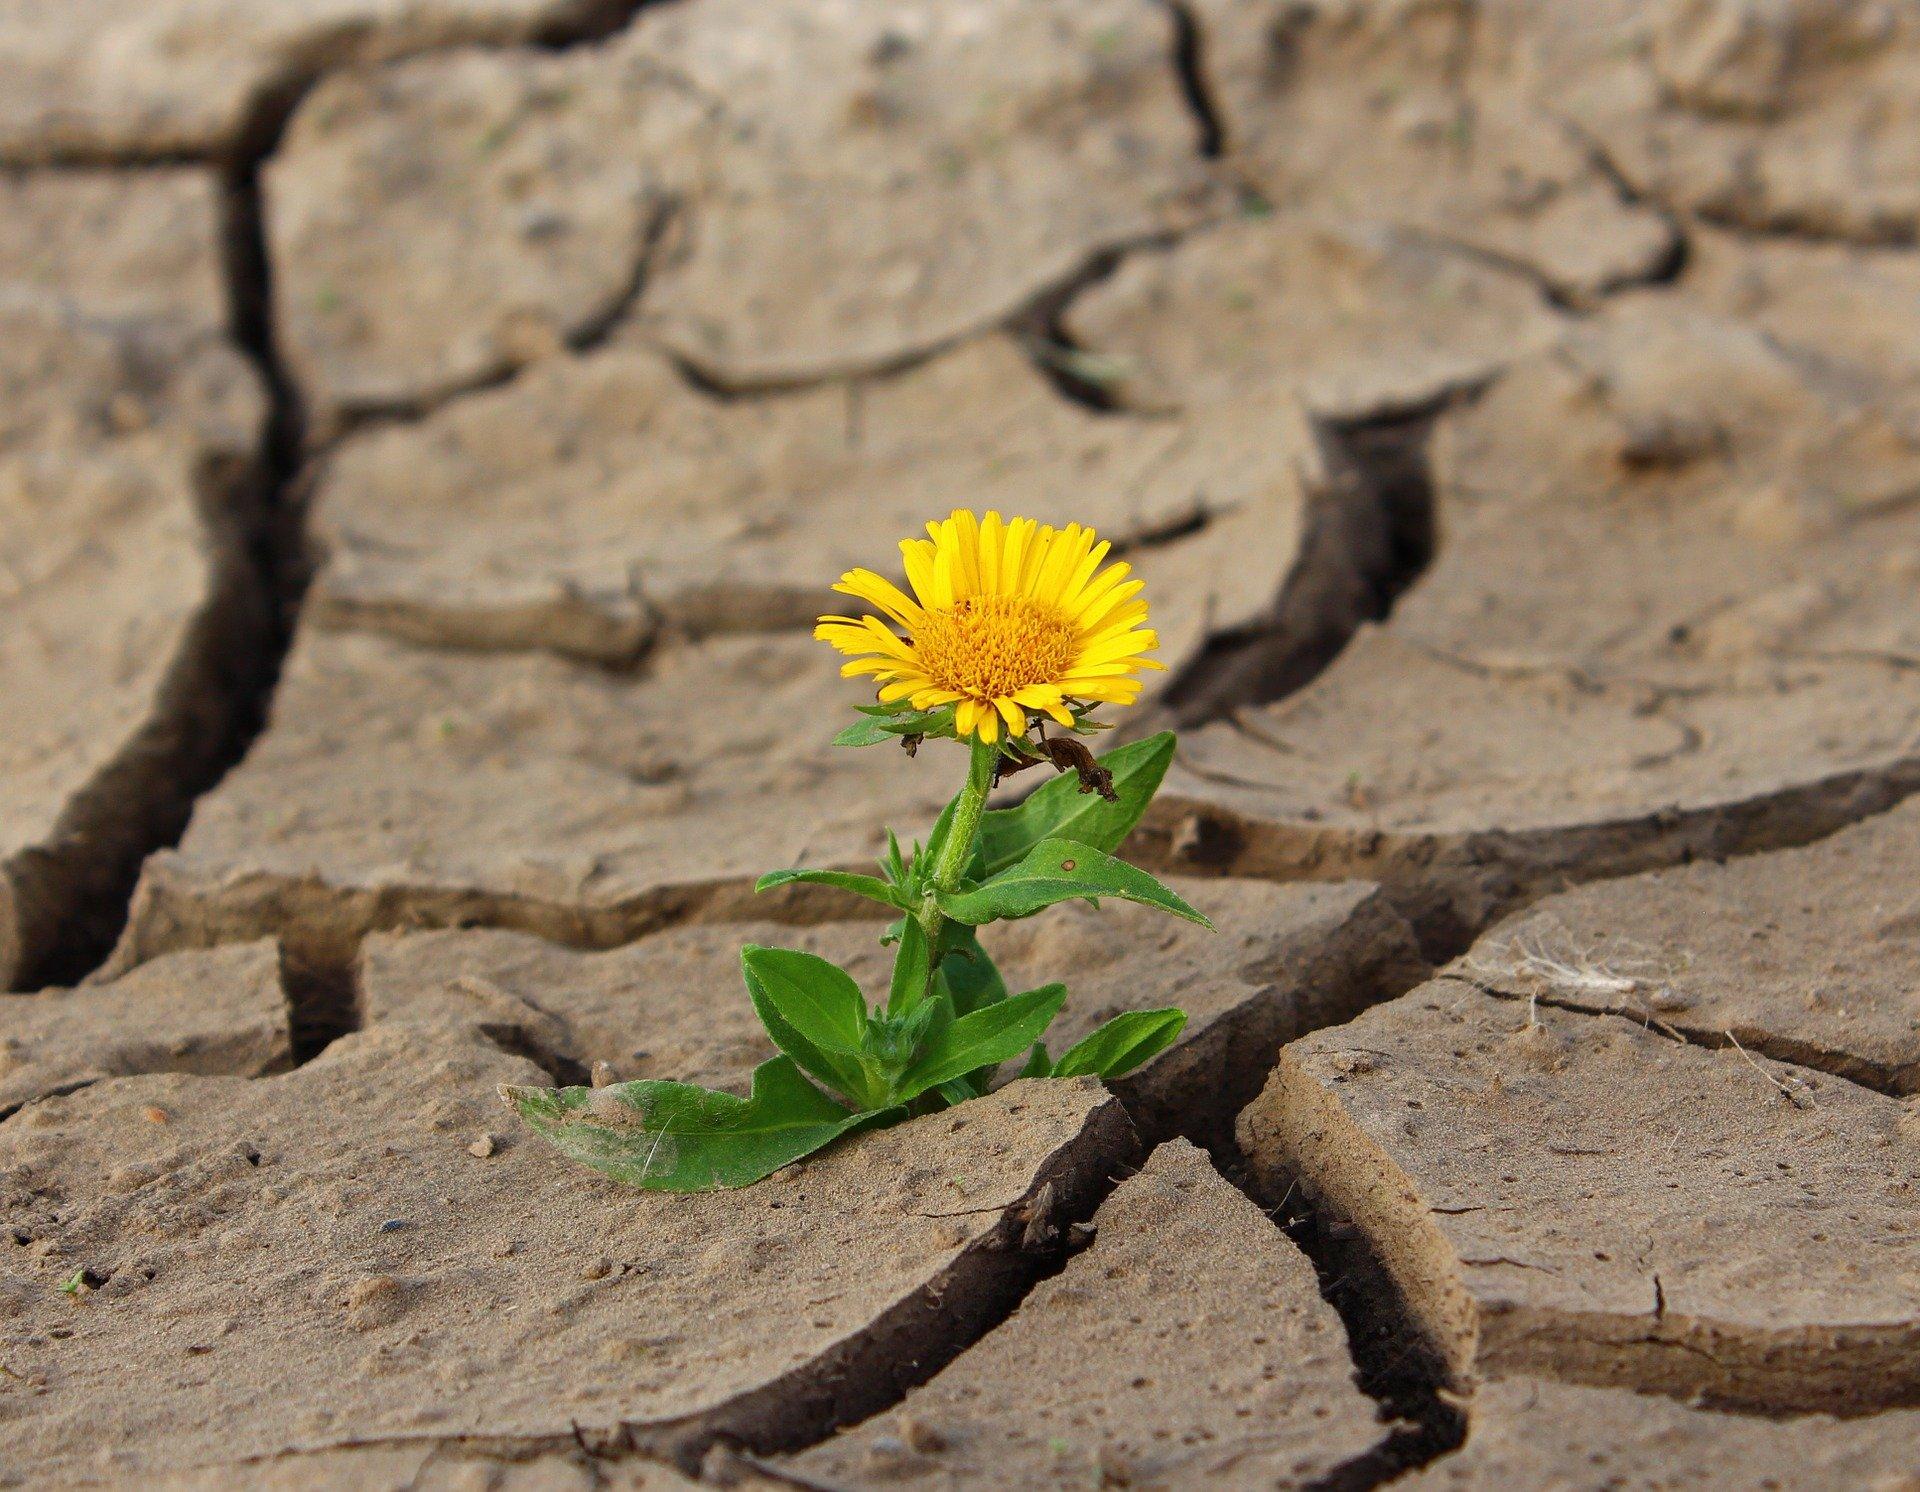 xrp ripple sec suvivor flower-887443_1920